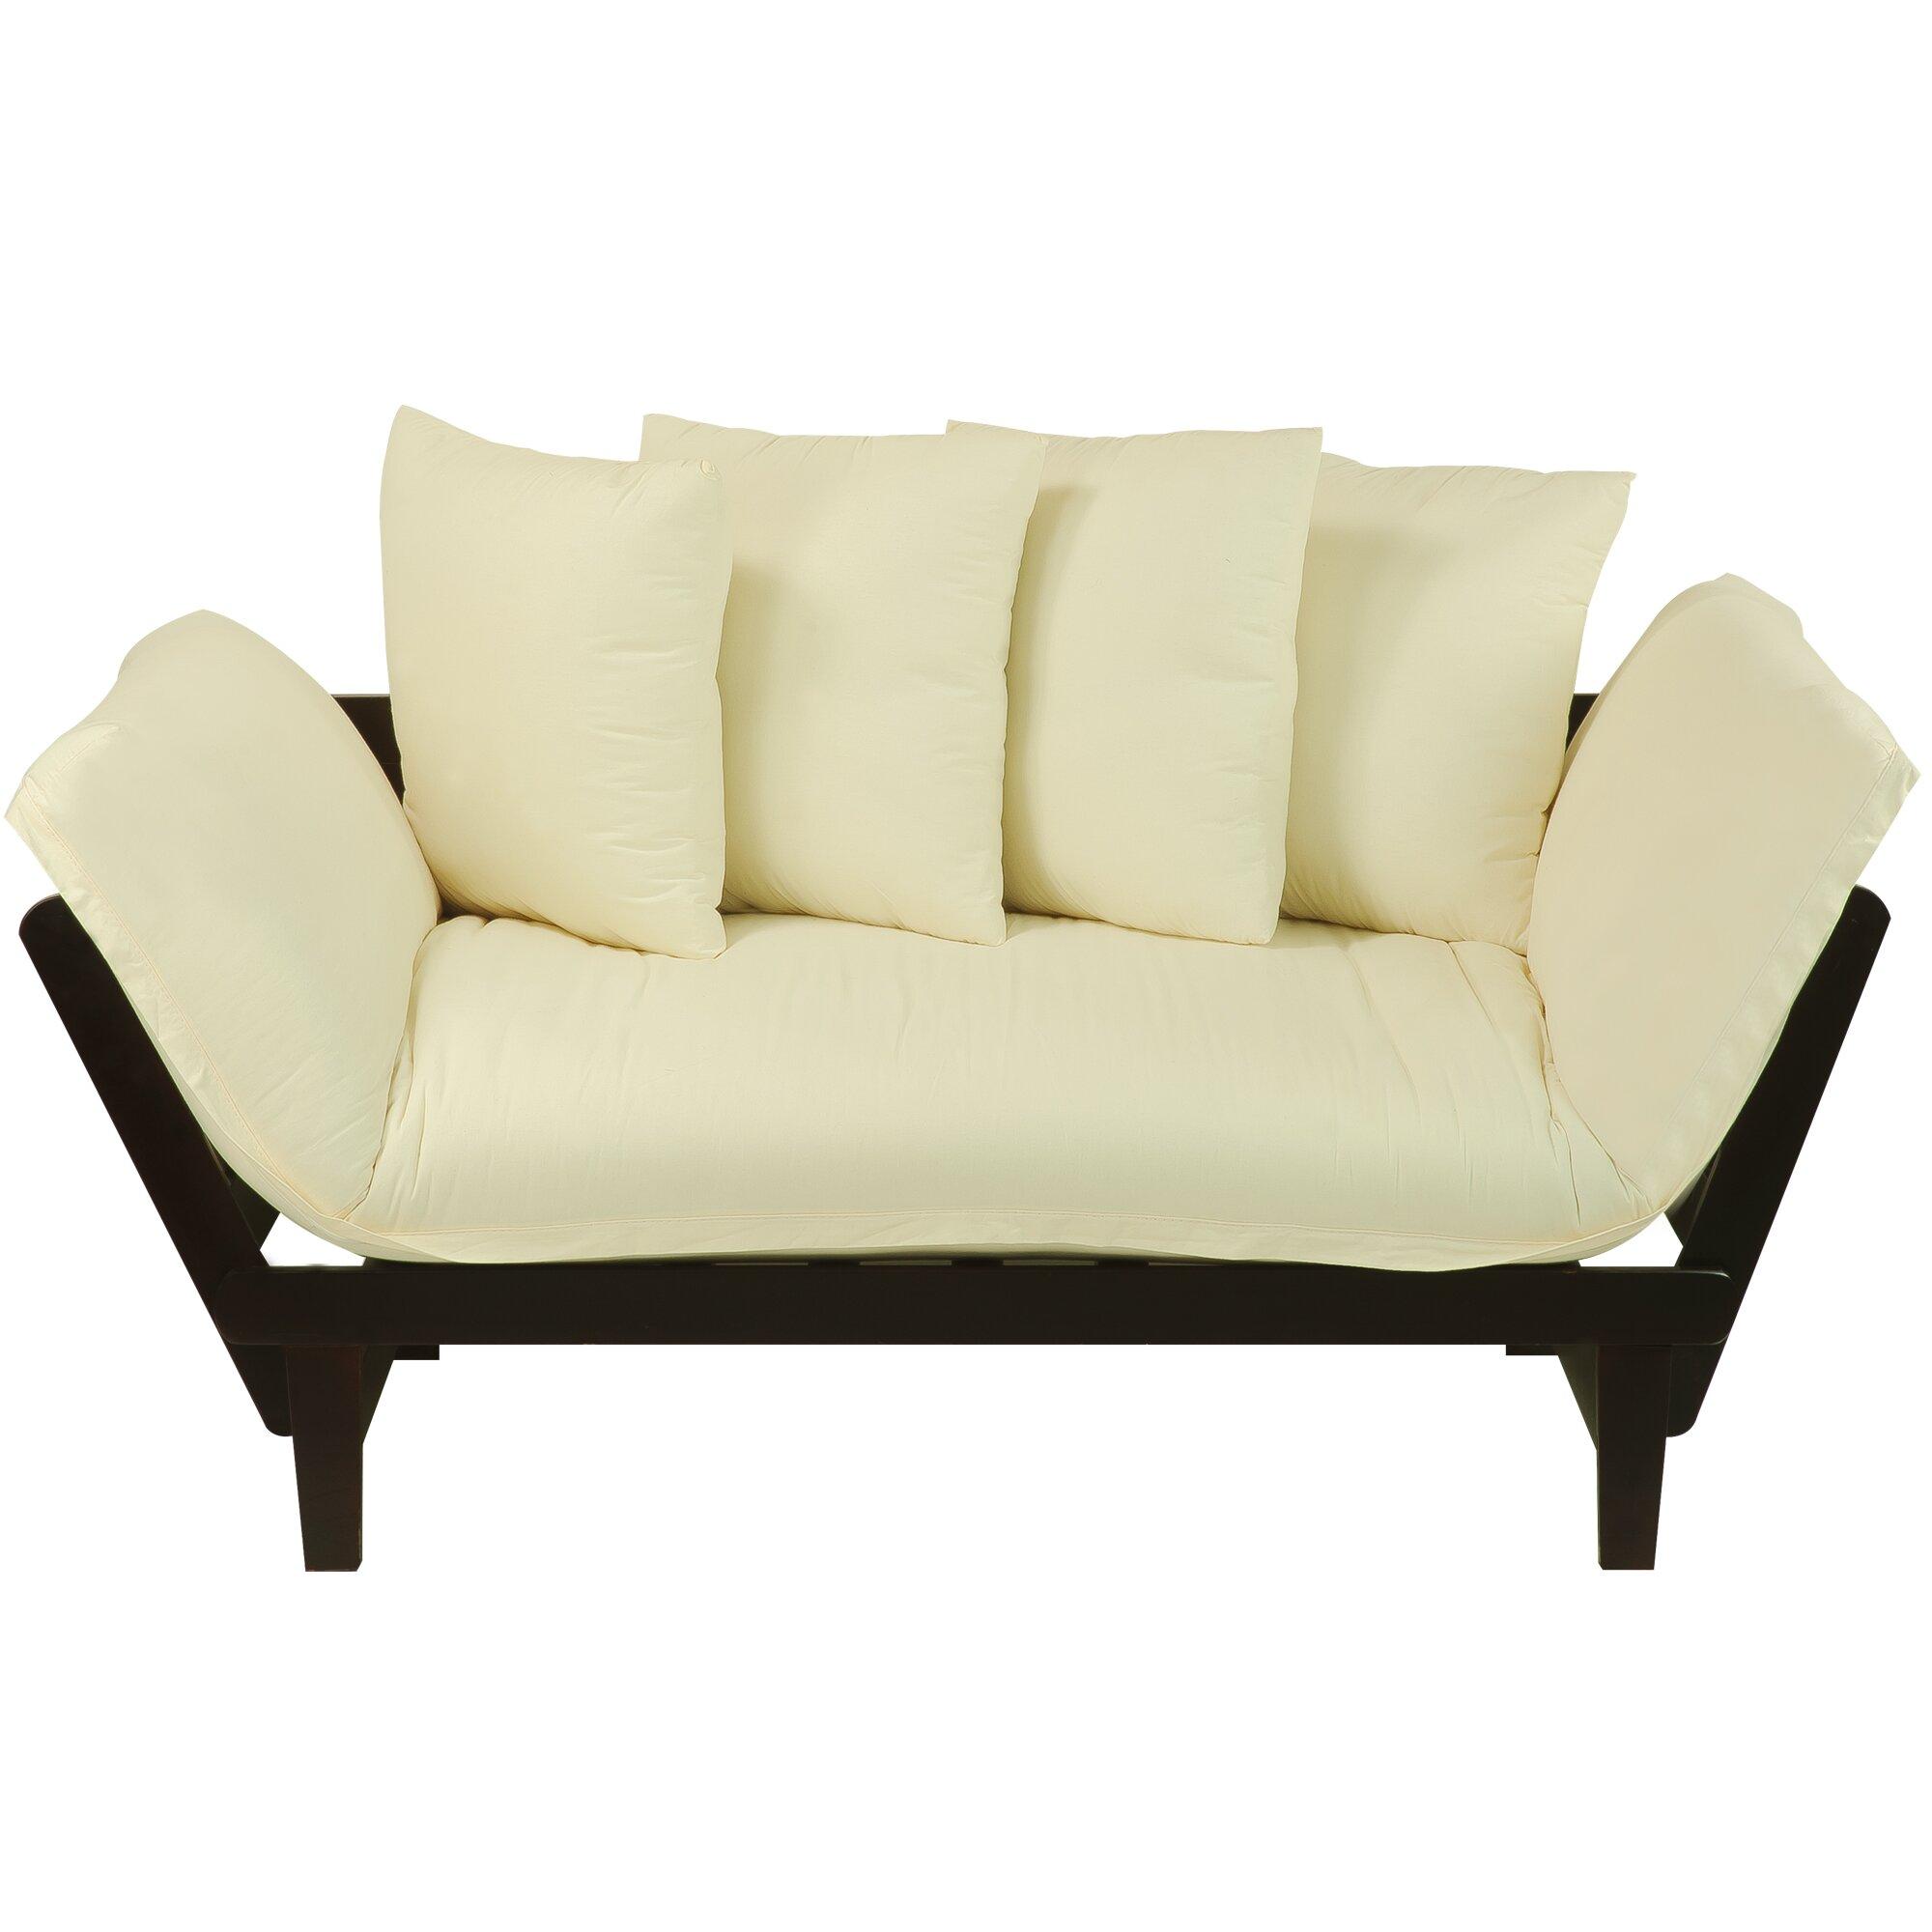 outdoor futon lounger